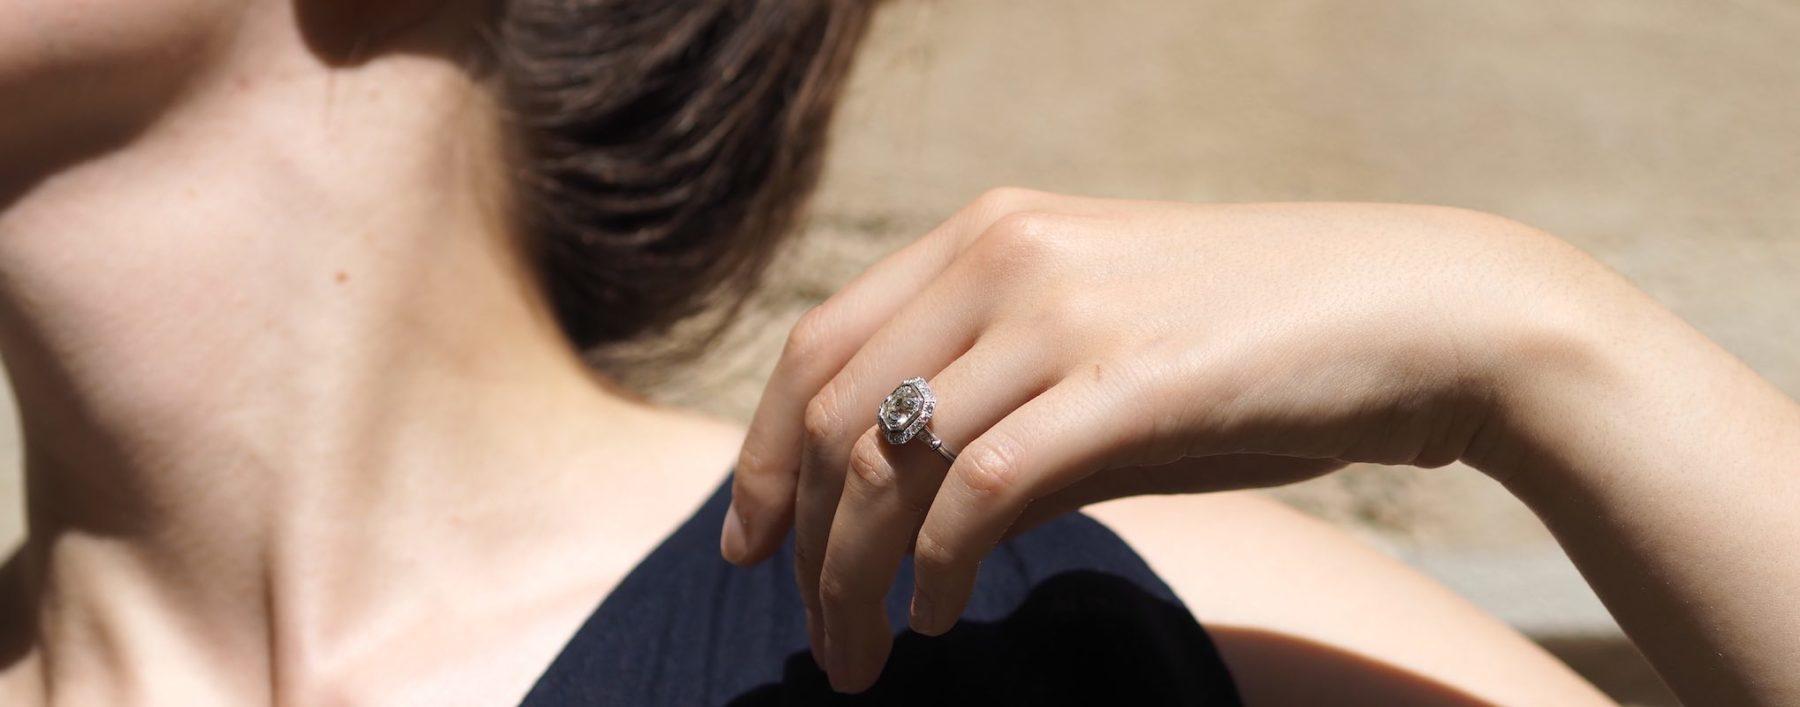 Le diamant de taille ancienne